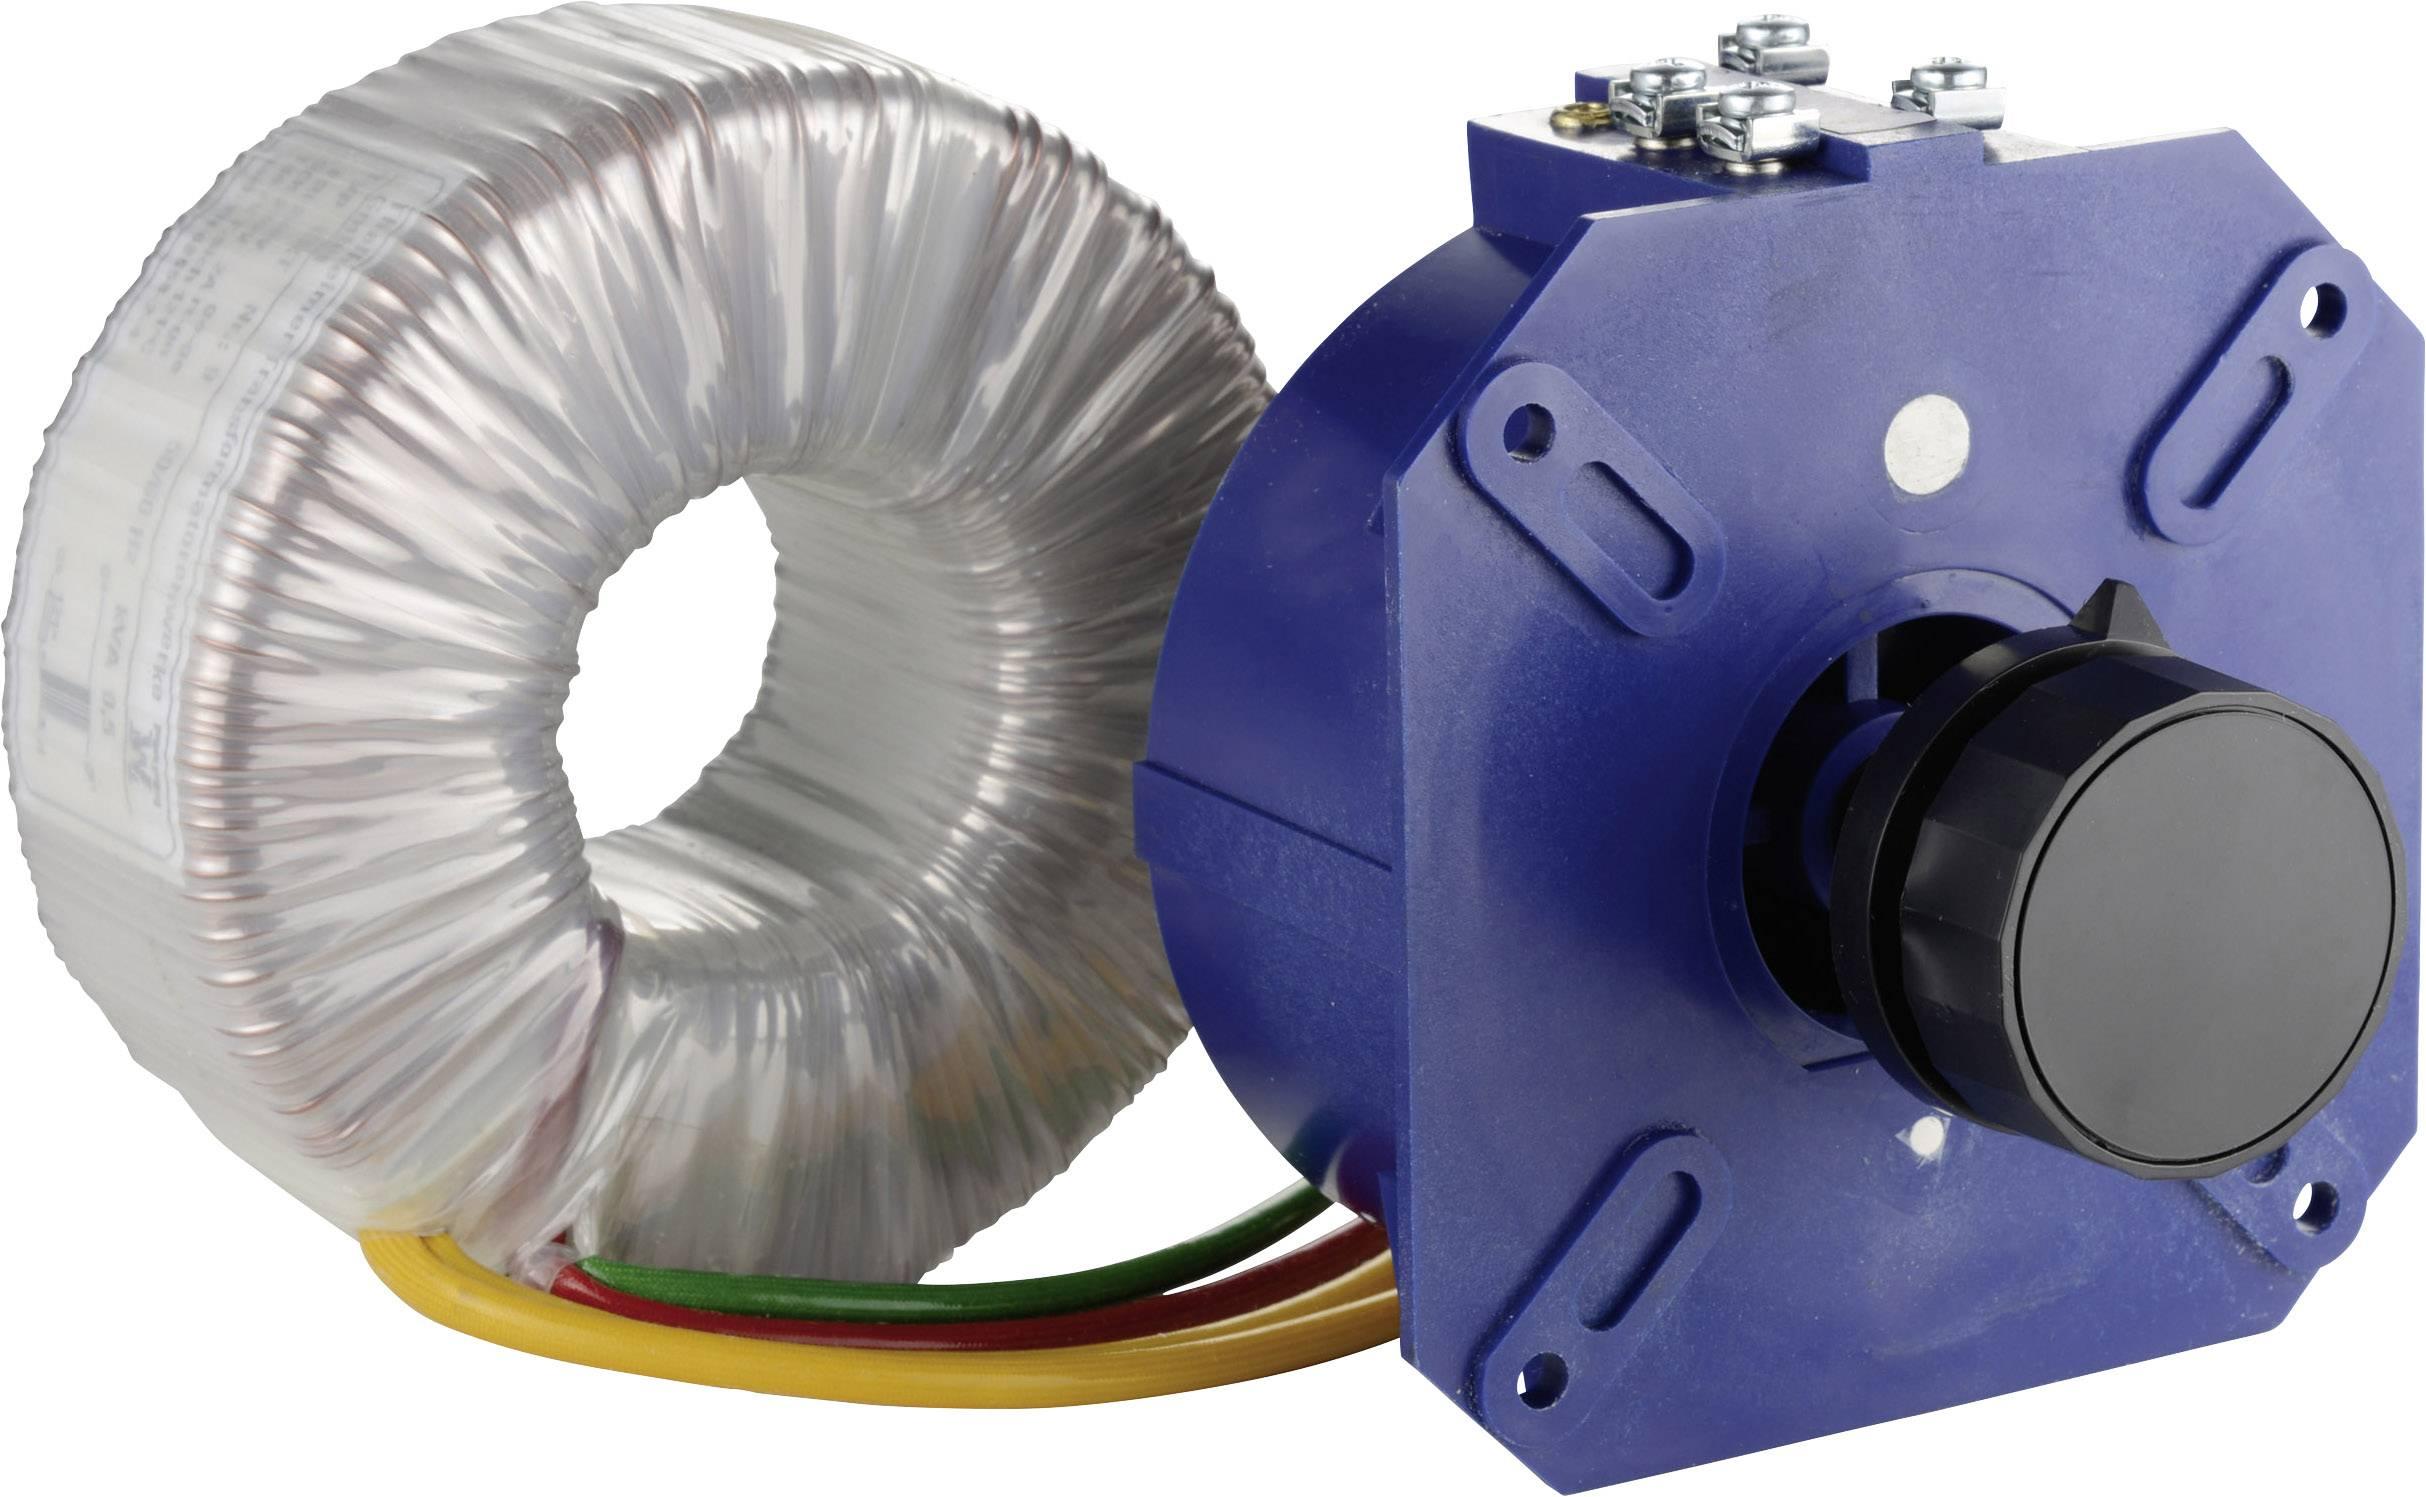 Úsporný nízkonapěťový transformátor Thalheimer KSS 103, 1 - 42 V, 2,5 A